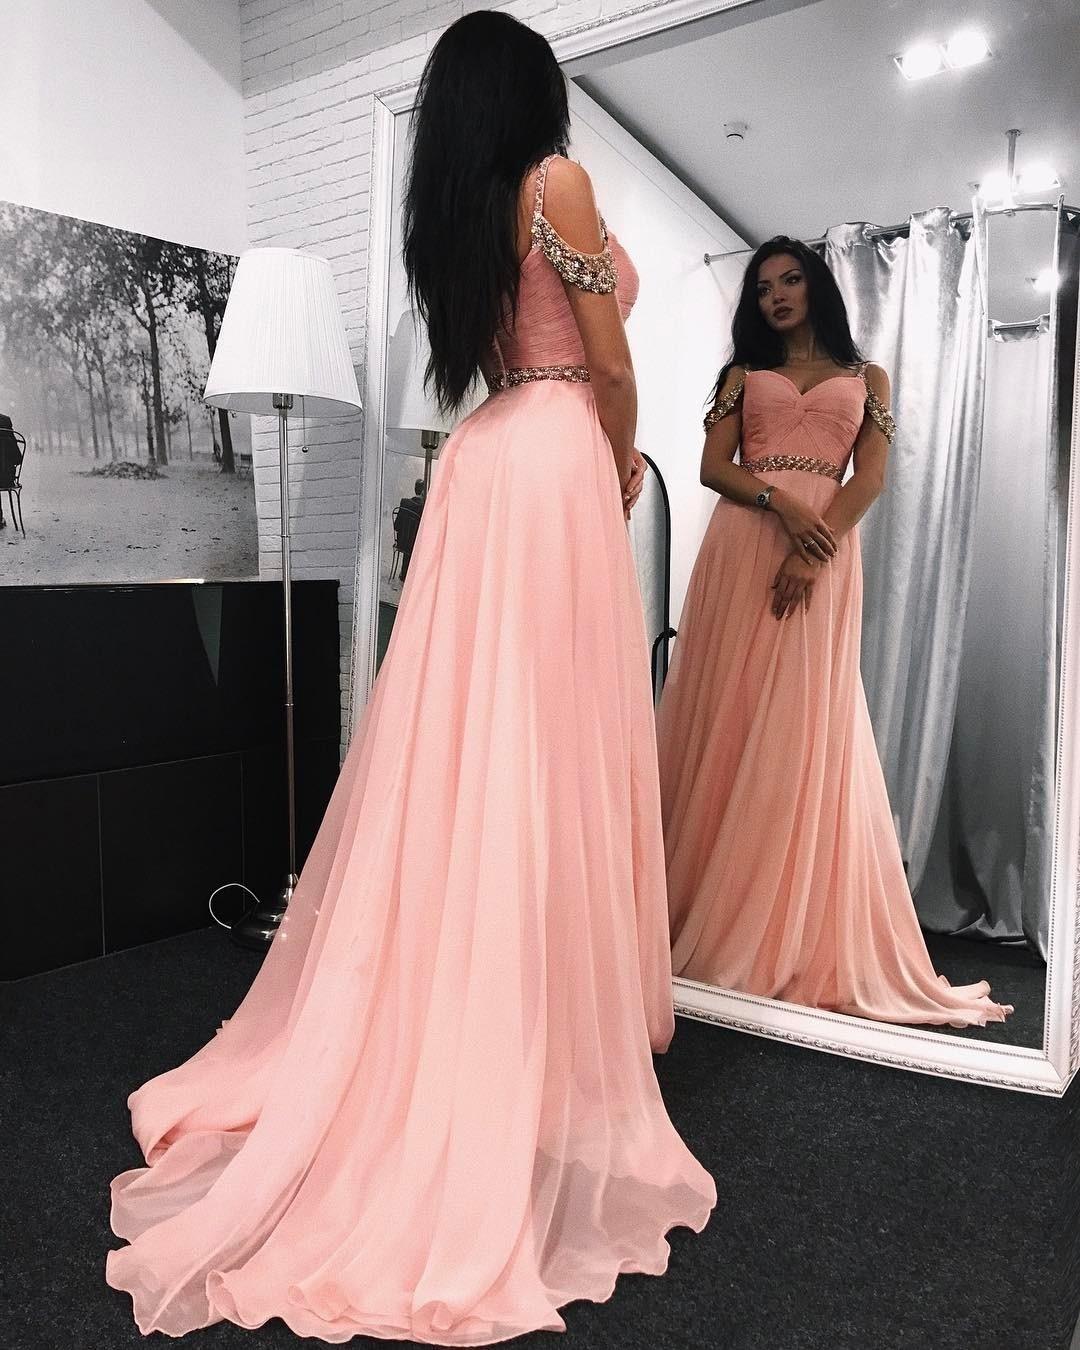 Designer Luxus Kleider Für Besondere Anlässe Günstig für 201920 Einzigartig Kleider Für Besondere Anlässe Günstig Boutique